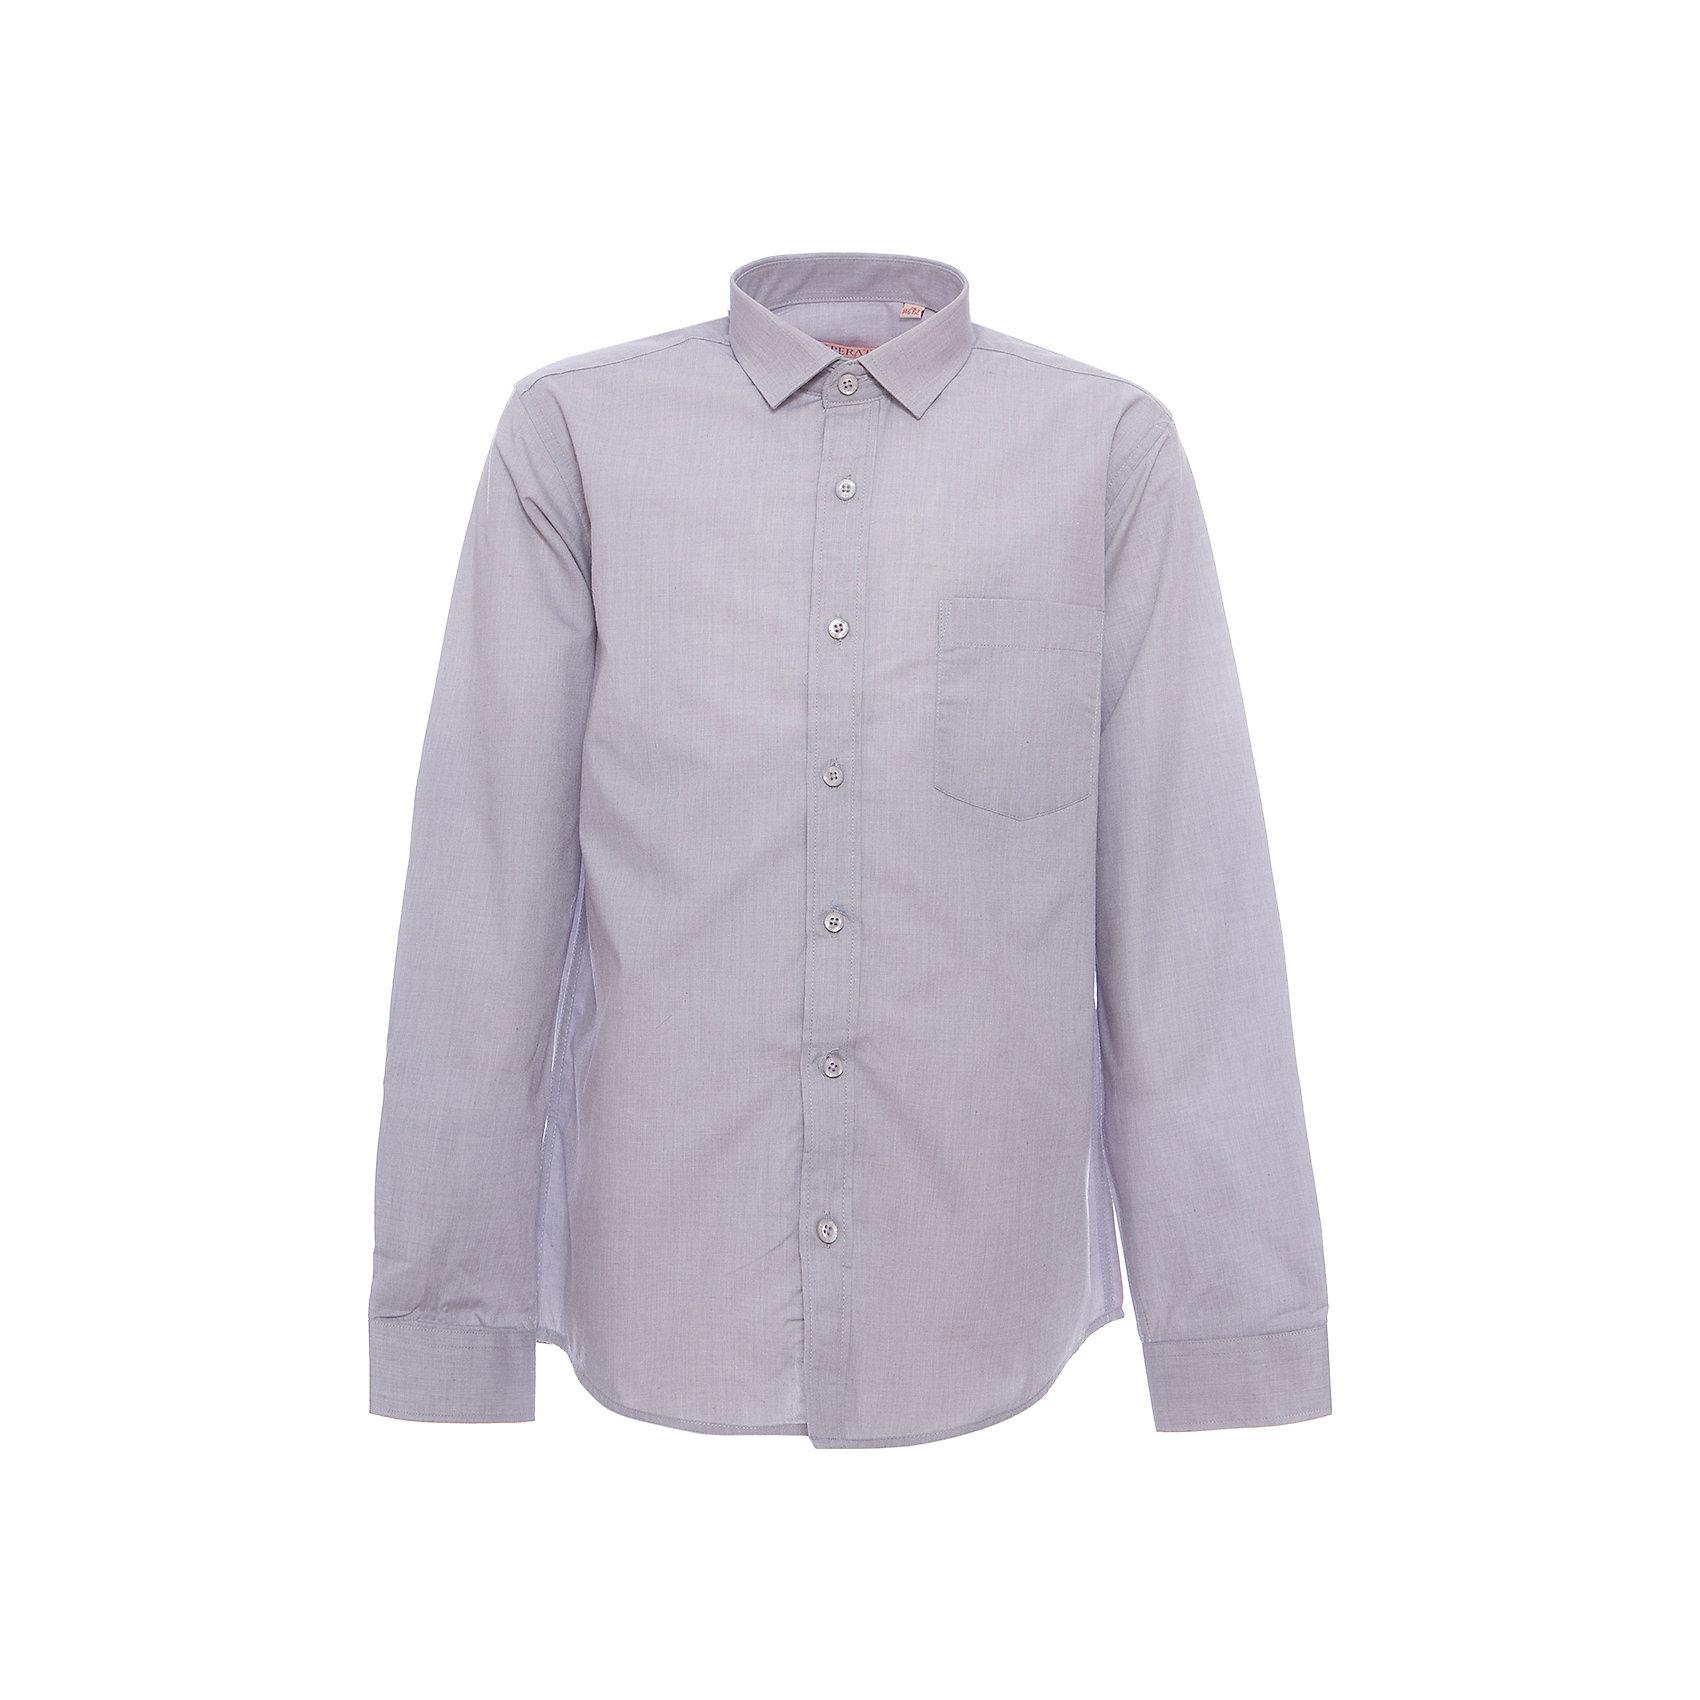 Рубашка для мальчика TsarevichБлузки и рубашки<br>Классическая рубашка - неотьемлемая вещь в гардеробе. Модель на пуговицах, с отложным воротником. Свободный покрой не стеснит движений и позволит чувствовать себя комфортно каждый день.  Состав 80 % хл. 20% П/Э<br><br>Ширина мм: 174<br>Глубина мм: 10<br>Высота мм: 169<br>Вес г: 157<br>Цвет: серый<br>Возраст от месяцев: 96<br>Возраст до месяцев: 108<br>Пол: Мужской<br>Возраст: Детский<br>Размер: 128/134,152/158,164/170,122/128,134/140,140/146,146/152,146/152,158/164,152/158<br>SKU: 4749370